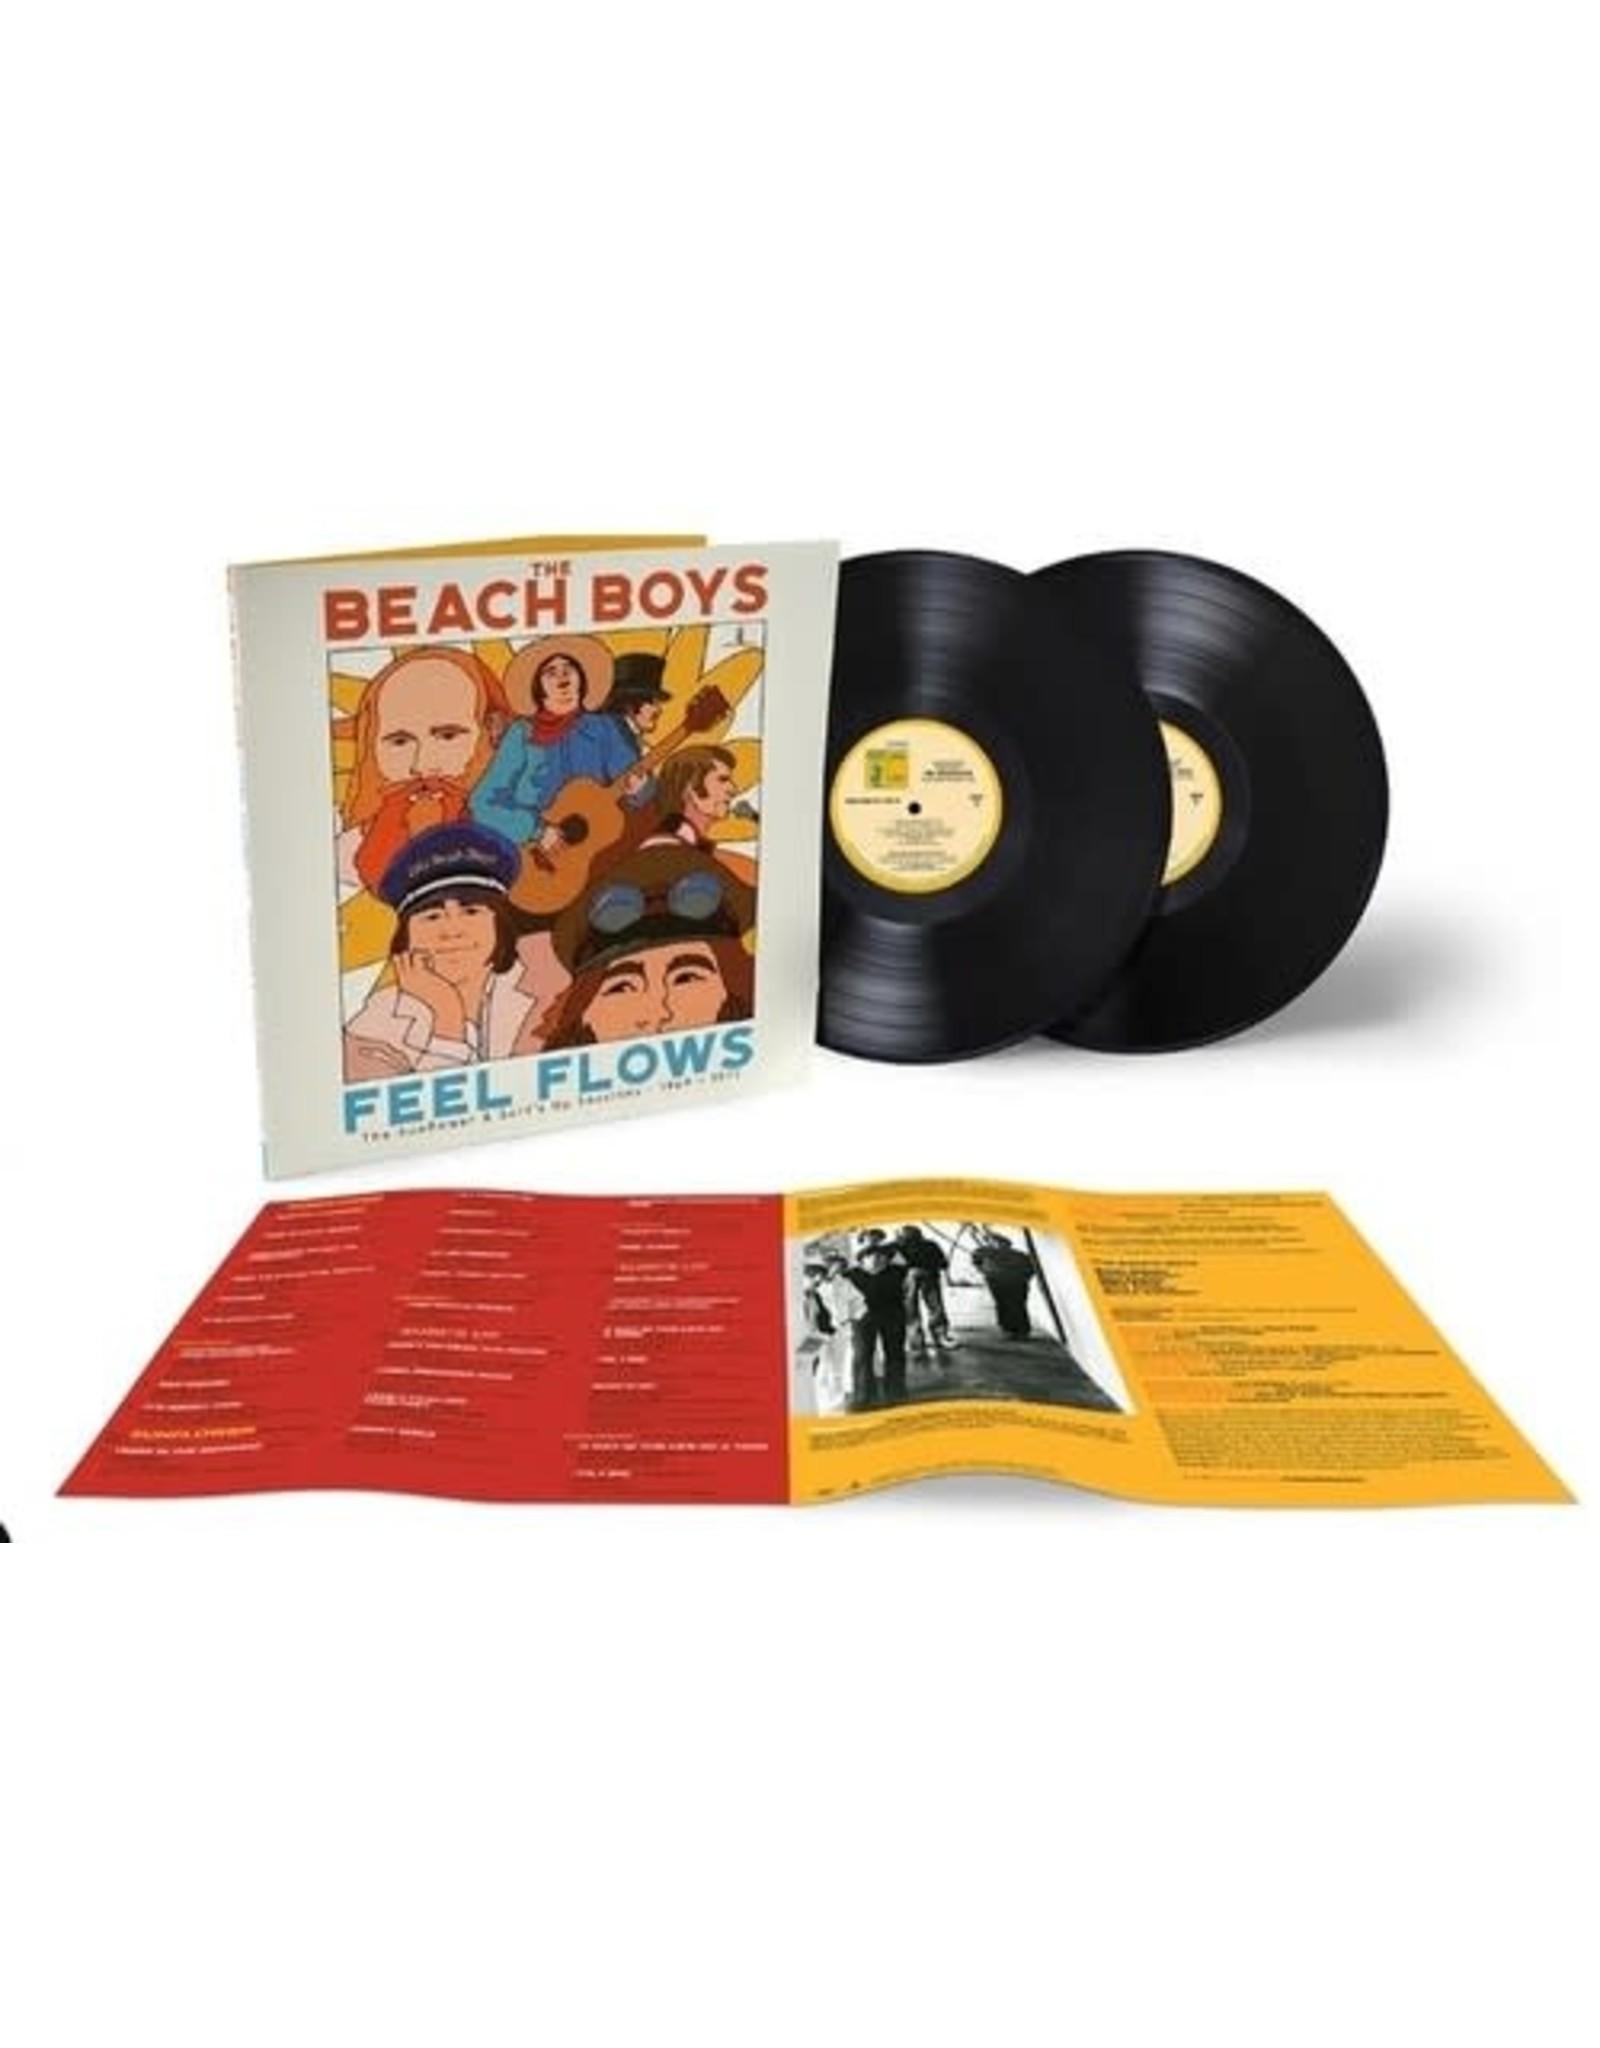 Beach Boys / Feel Flows